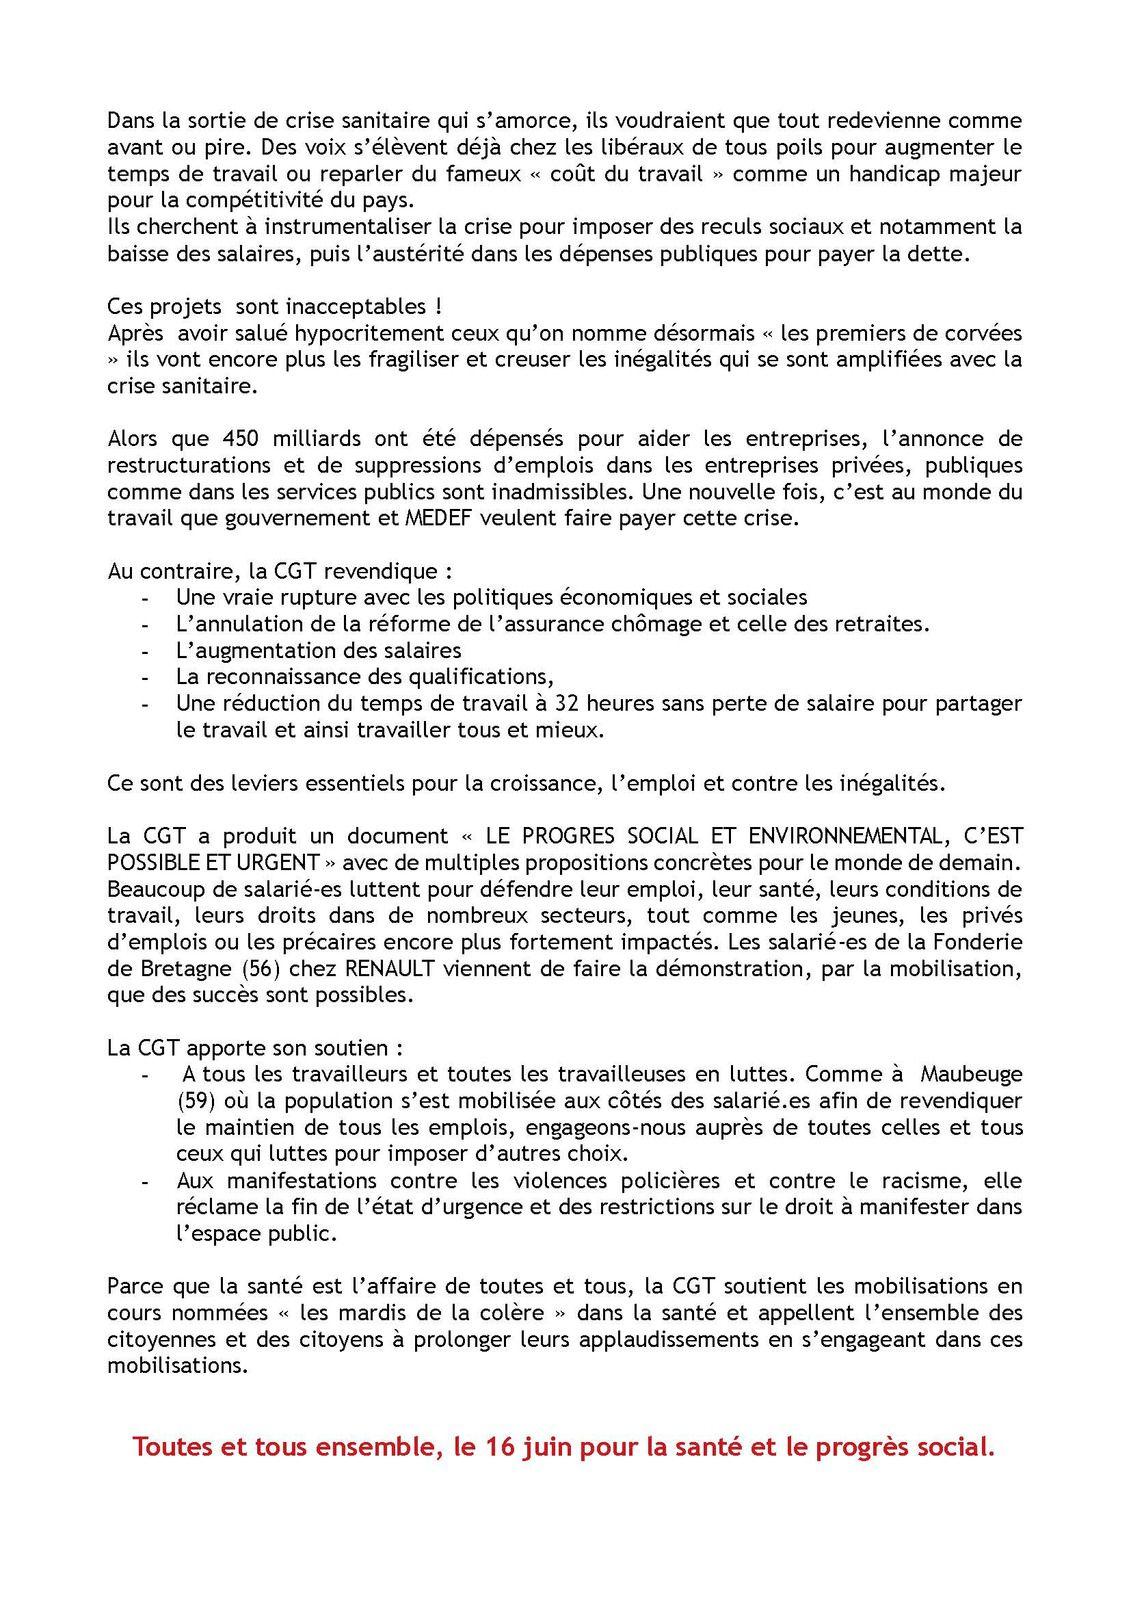 Appel Comité Confédéral National de la CGT: LA SANTE, c'est l'affaire de toutes et tous. Mobilisons-nous ensemble le 16 juin !!